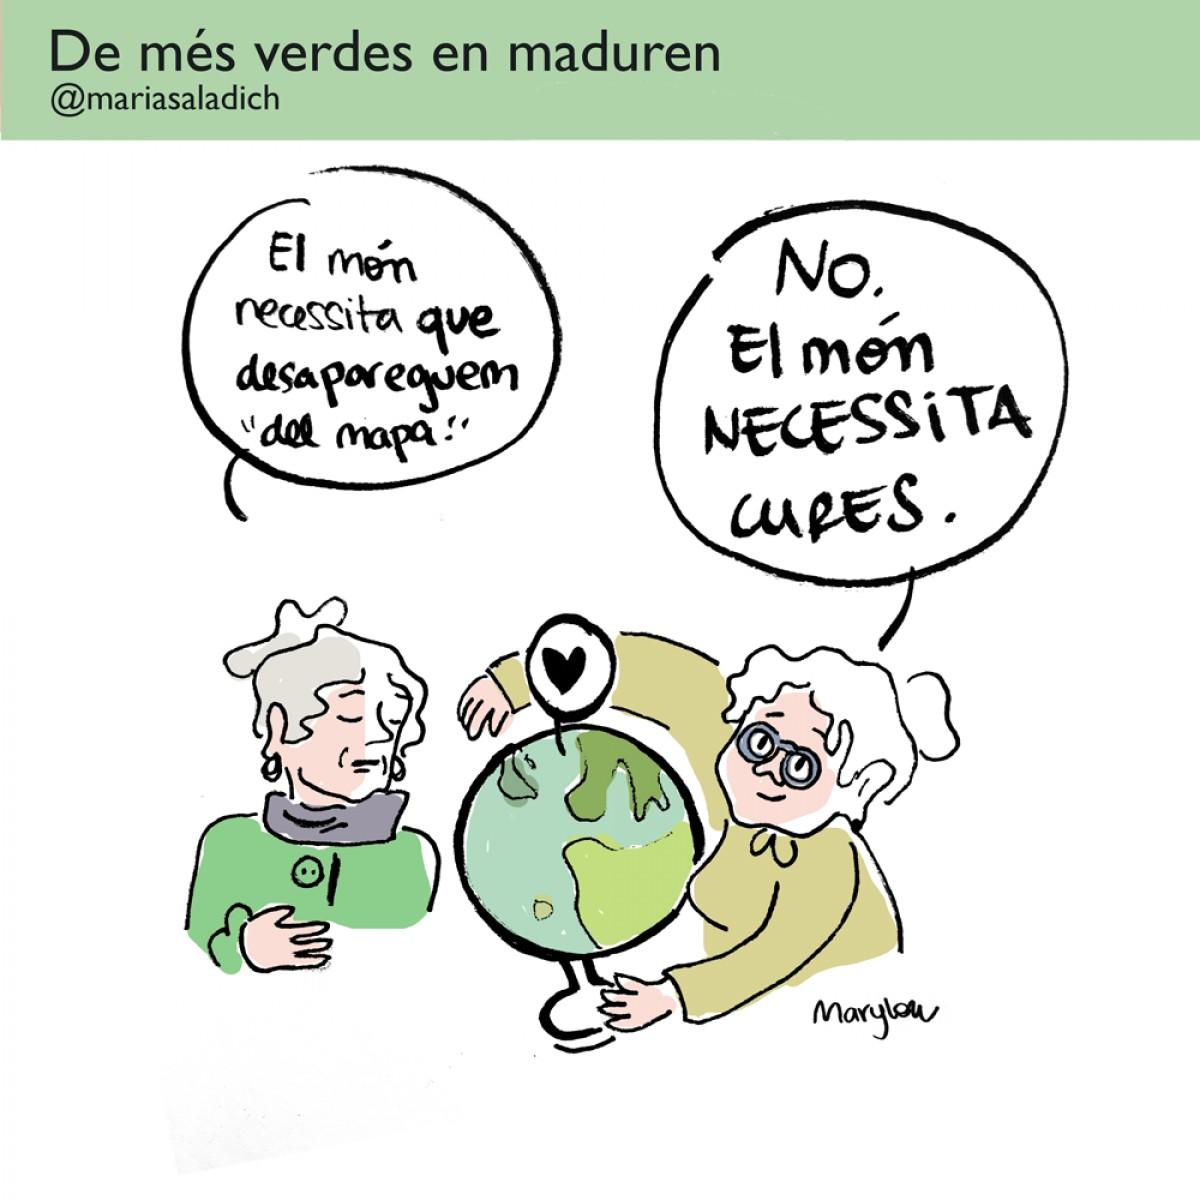 Segons les iaies de la il·lustradora Maria Saladich el món necessita més cures